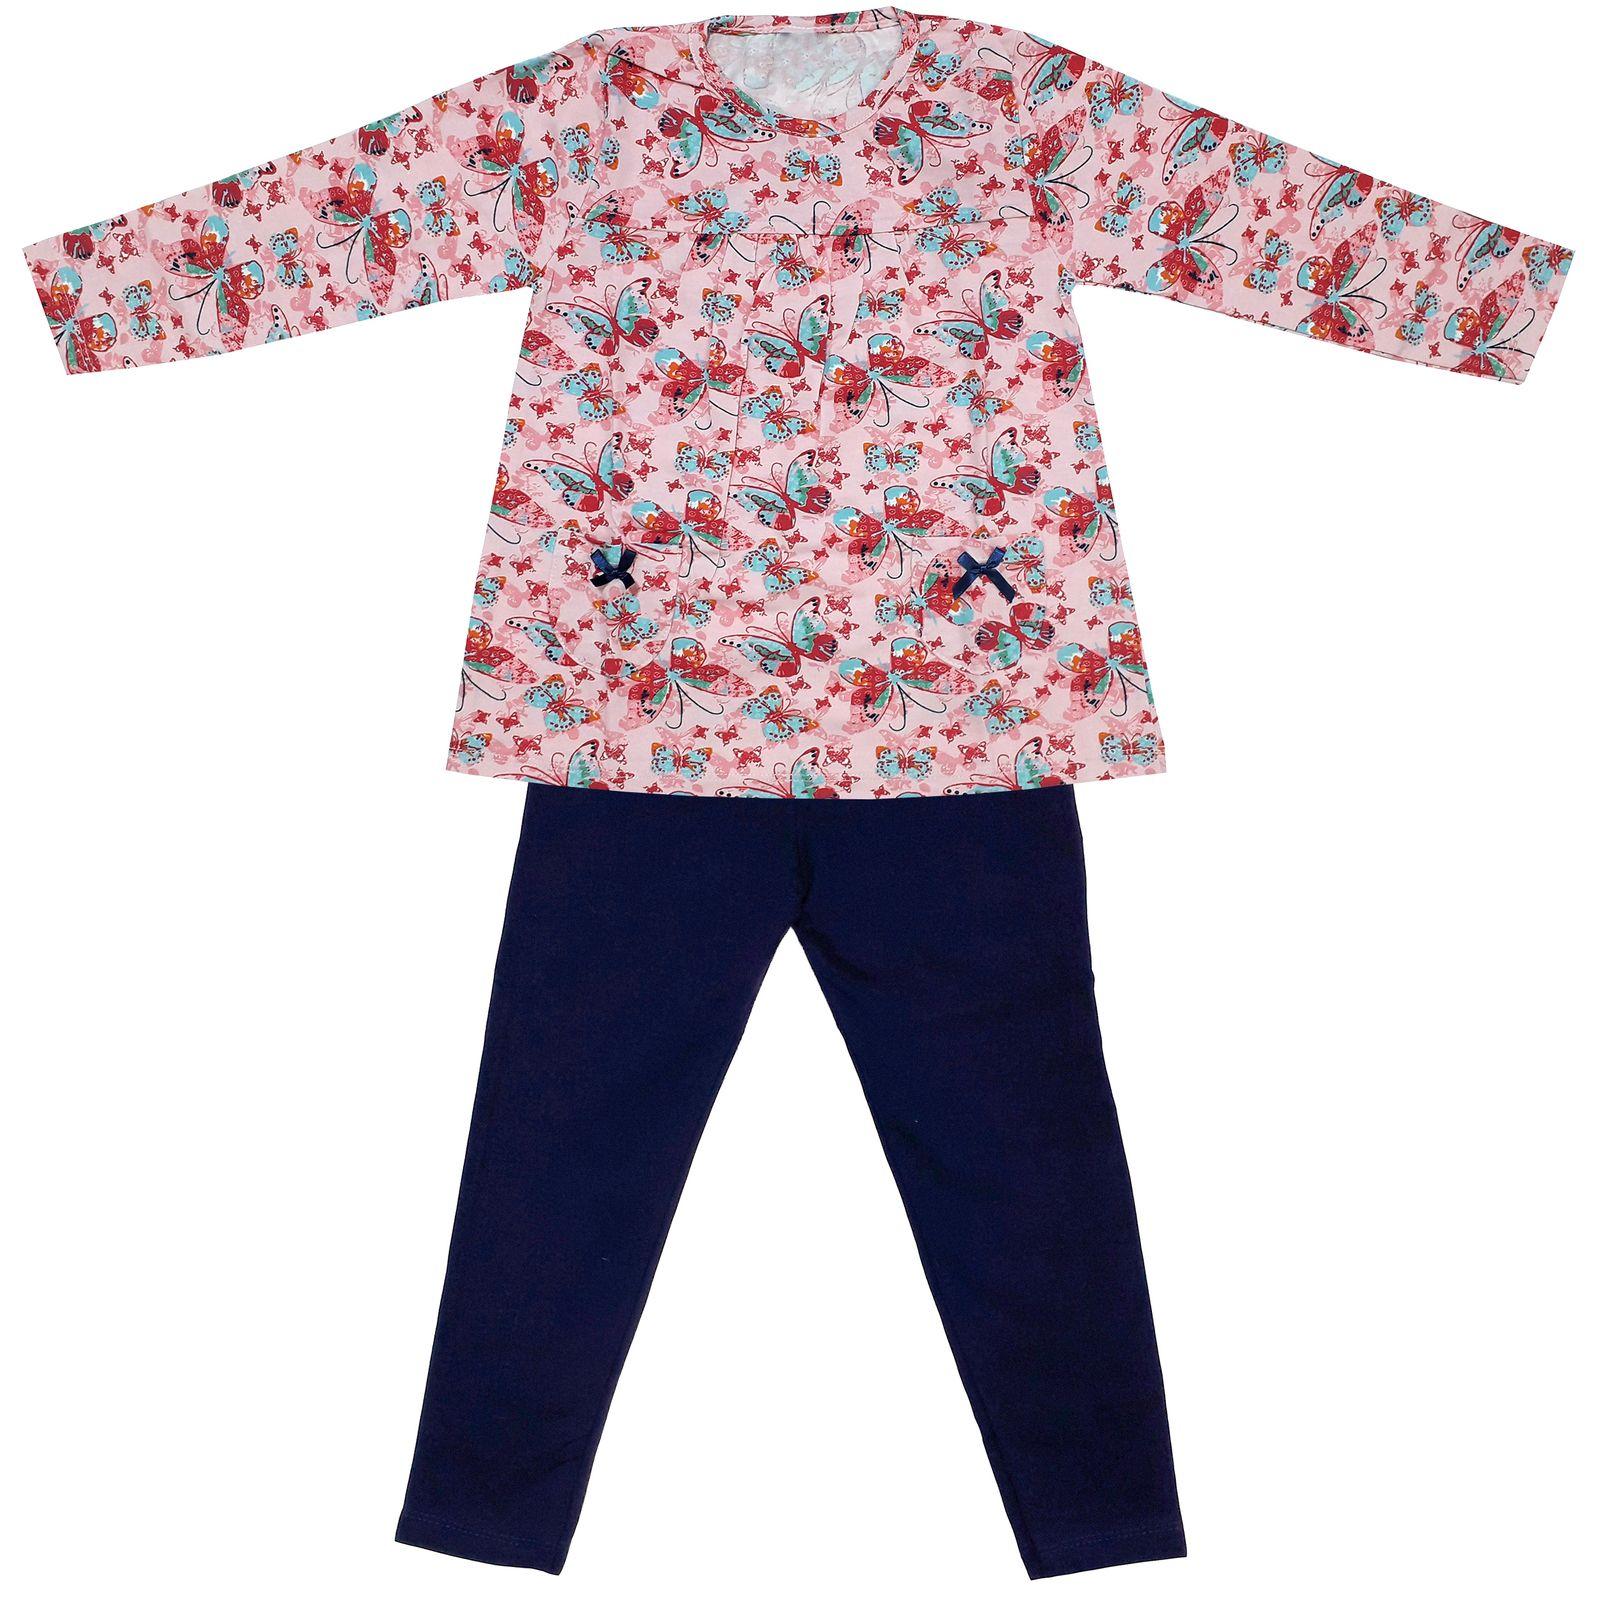 ست تی شرت و شلوار دخترانه طرح پروانه کد 3070 رنگ صورتی -  - 3